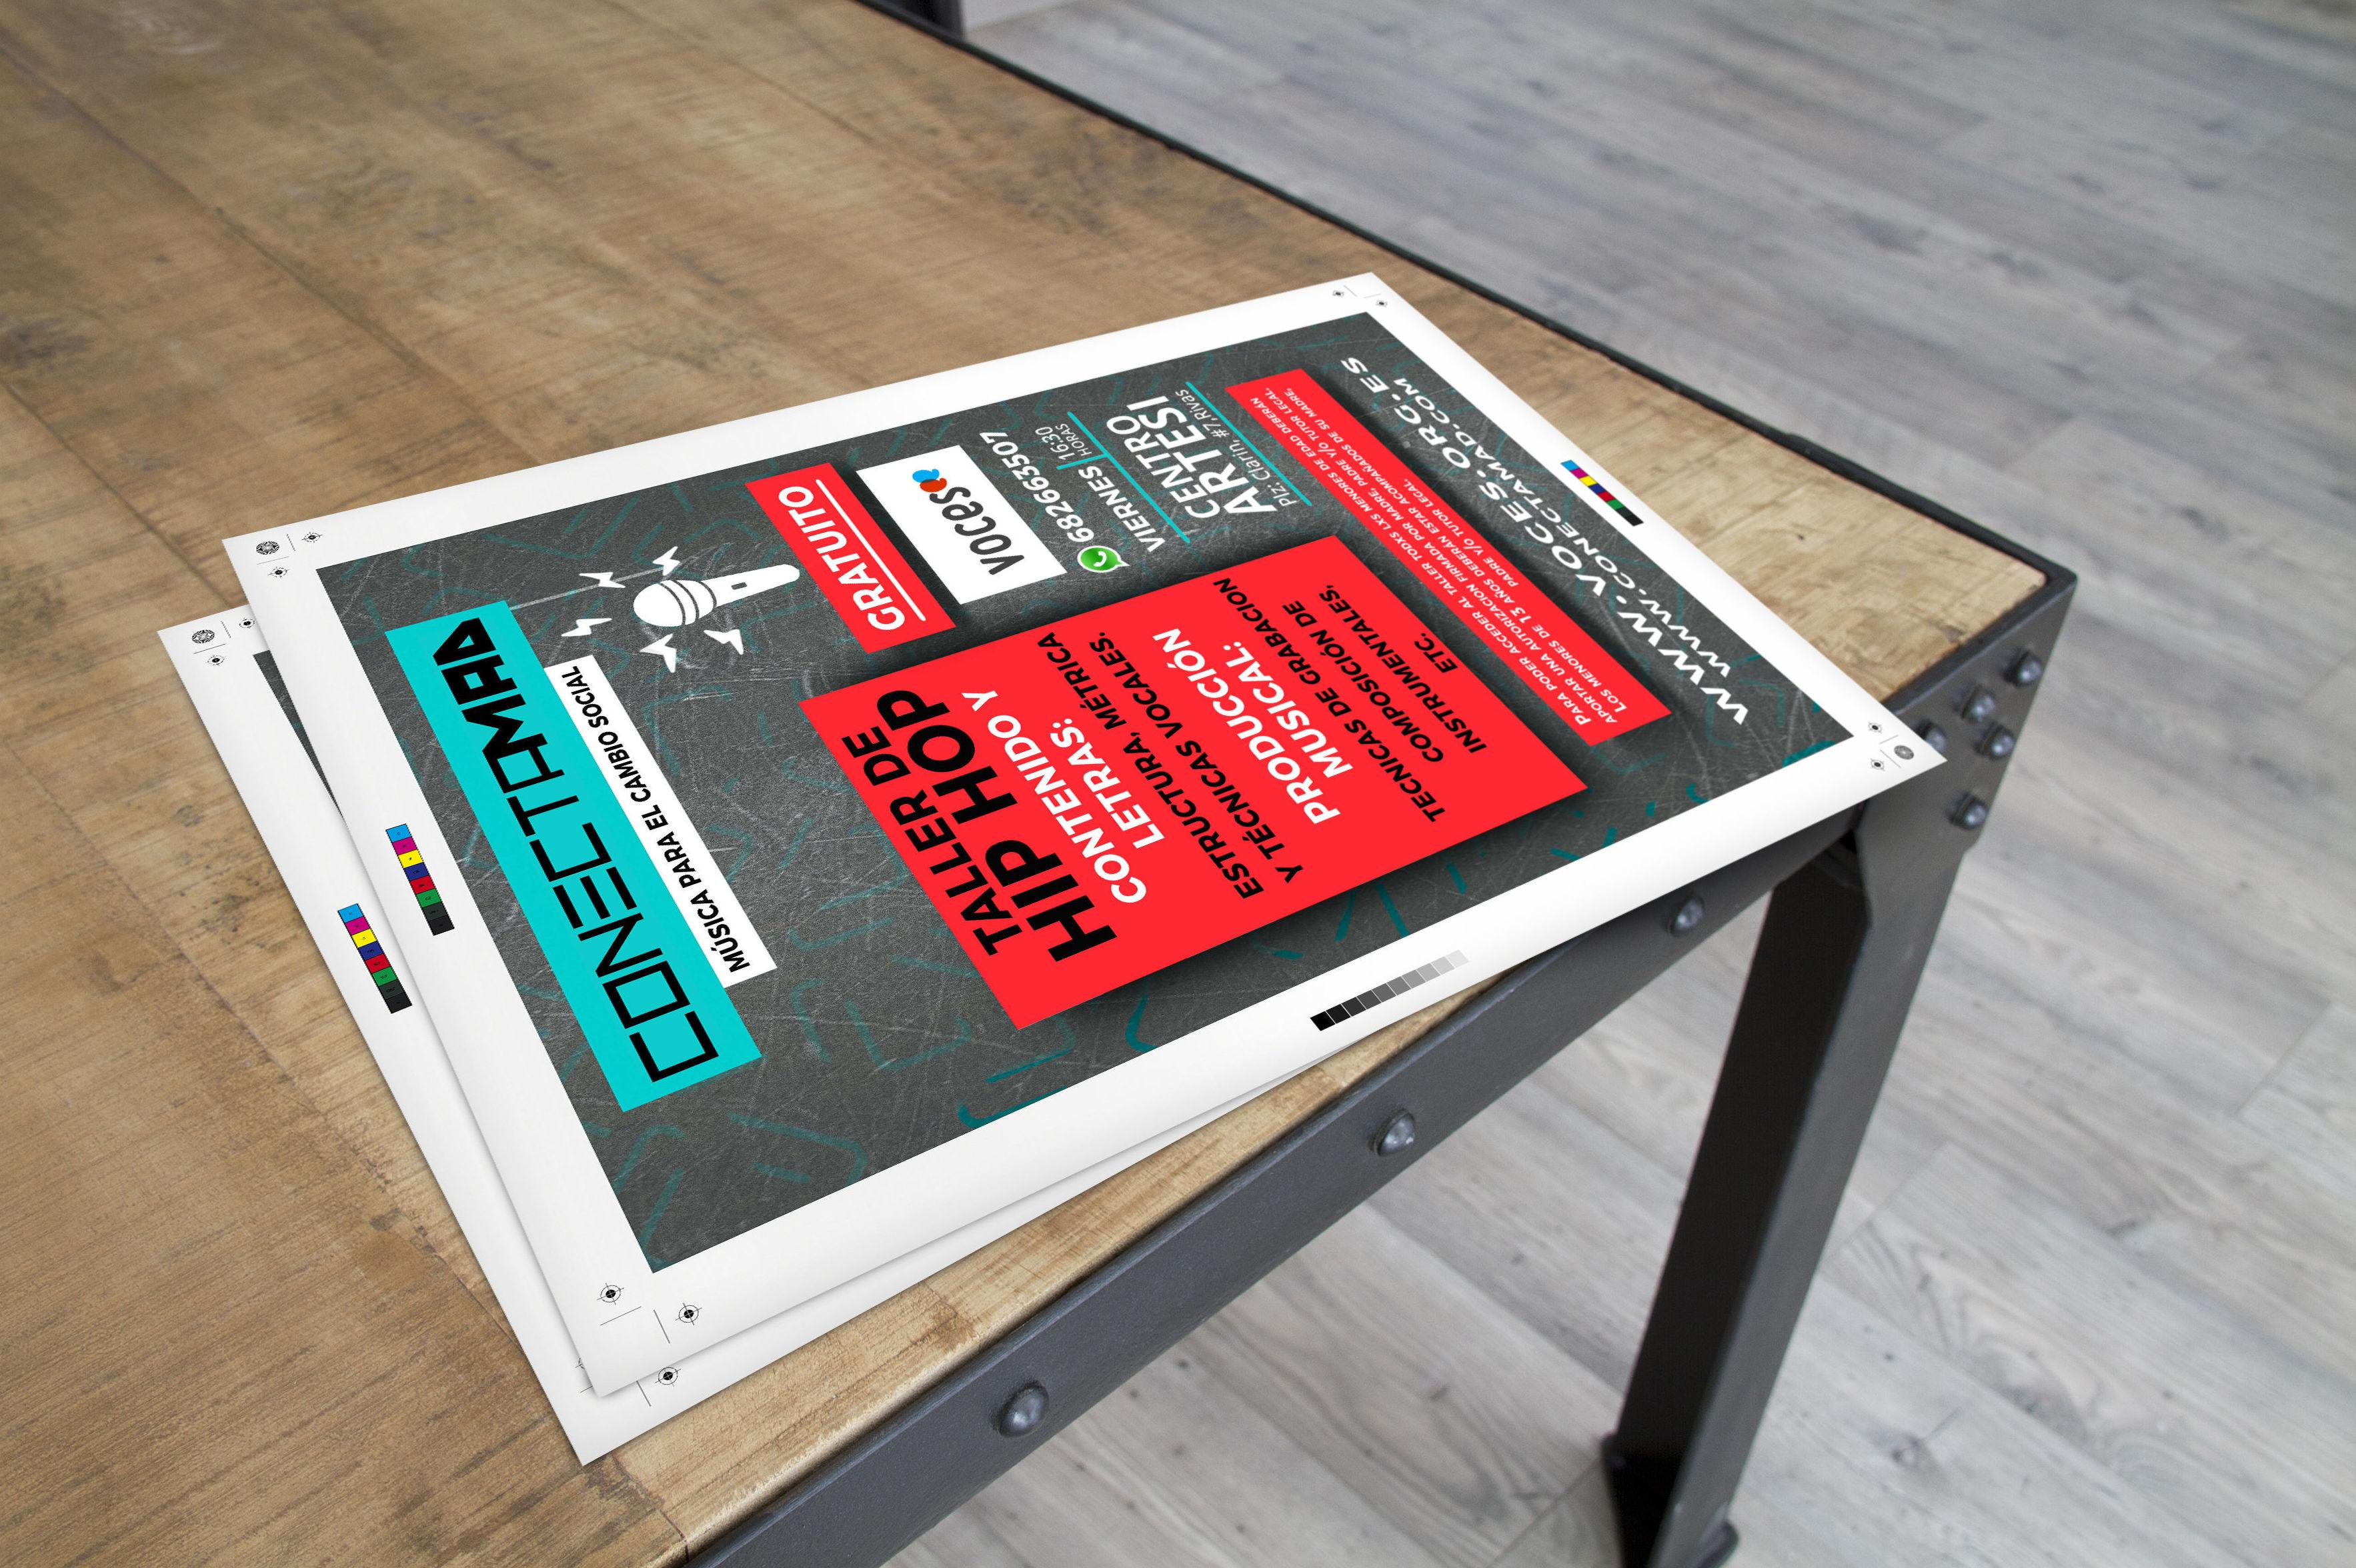 Foto 43 de Trabajos de diseño e impresión de gran calidad en Madrid | Megaprinter